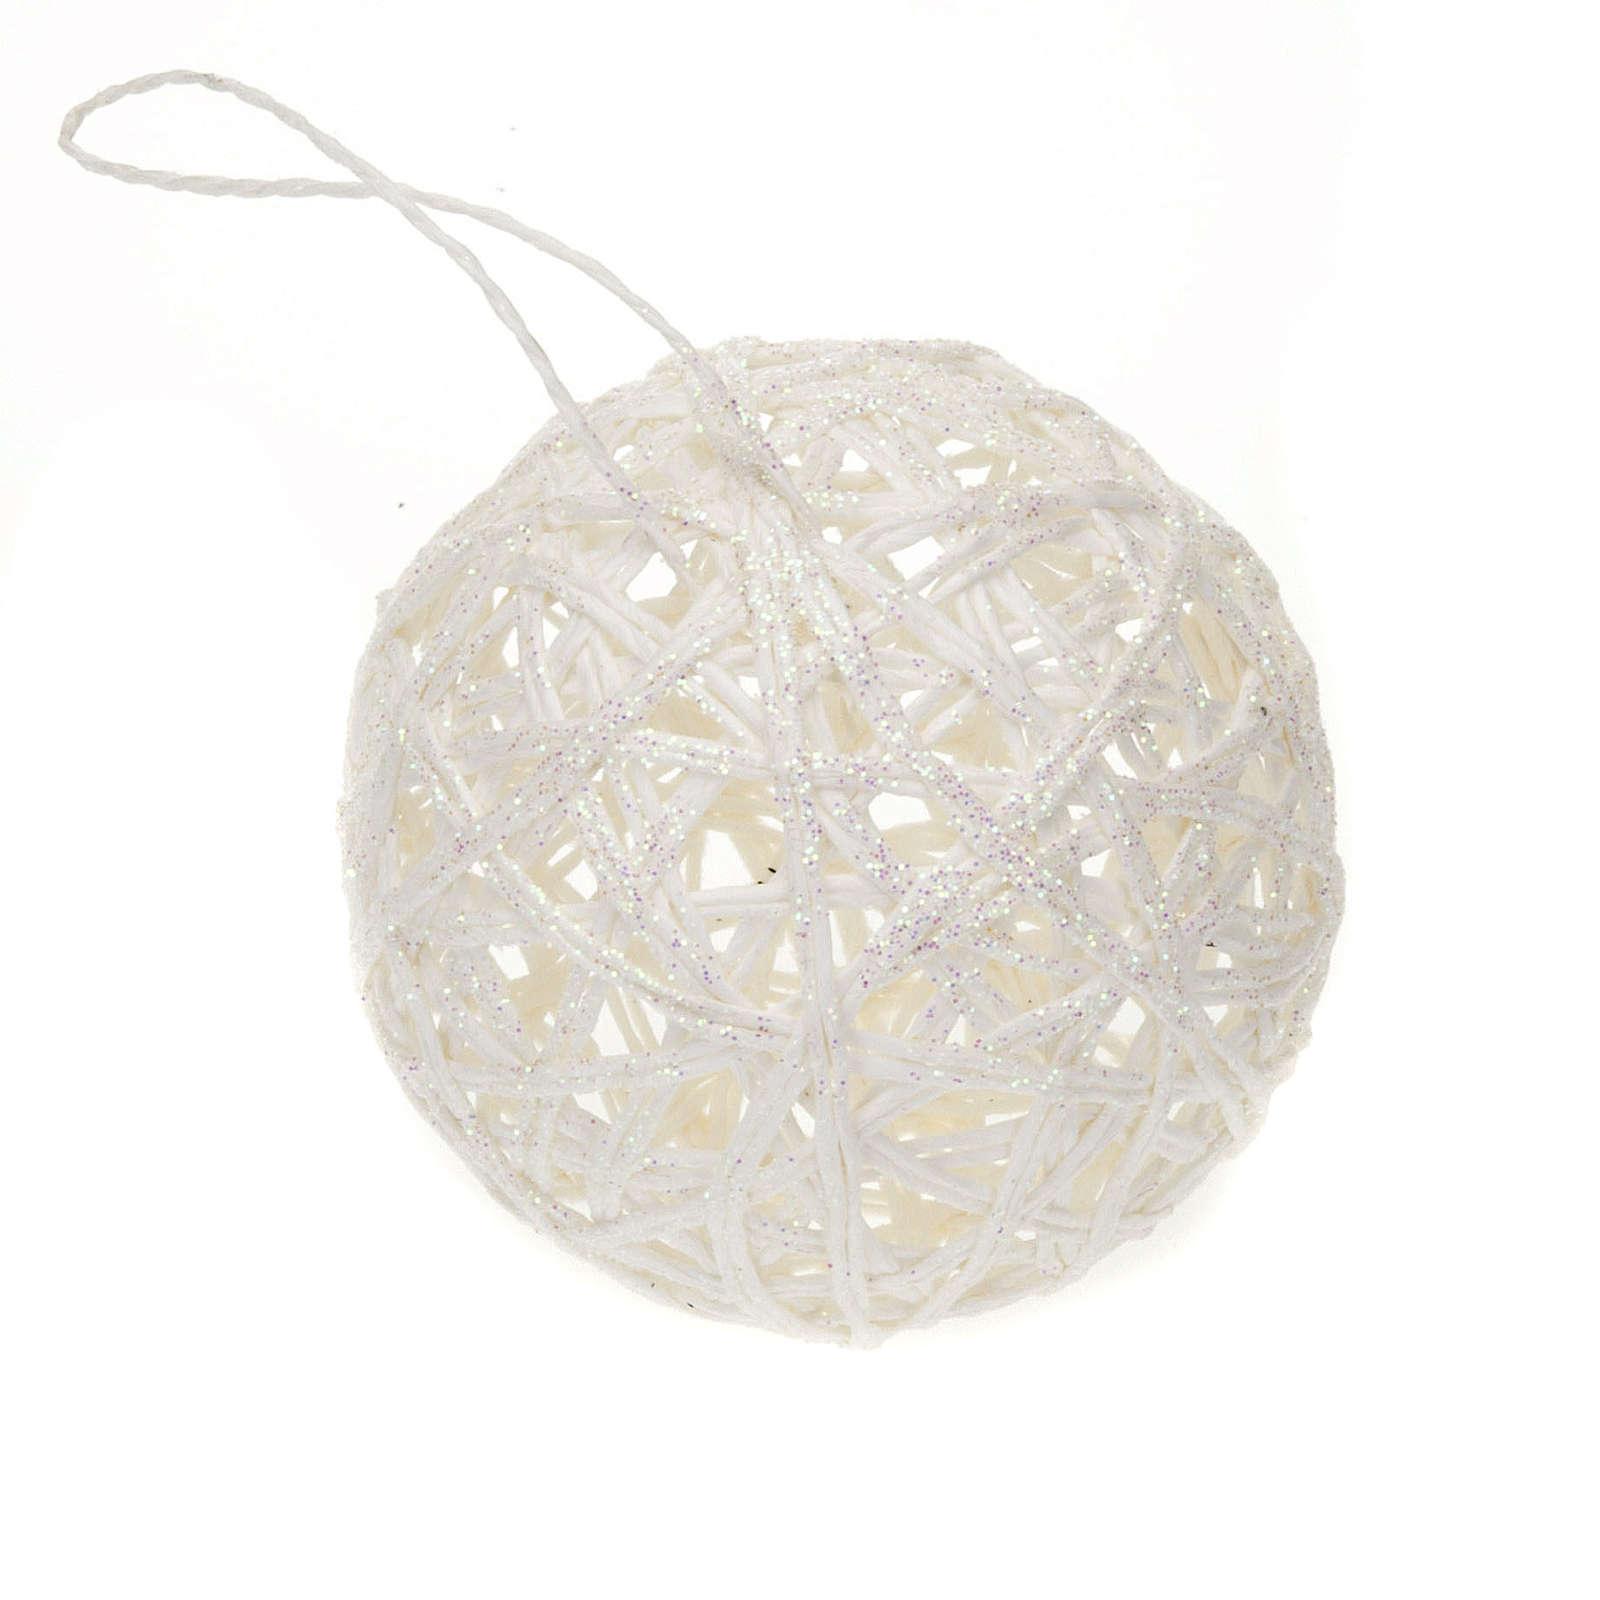 Addobbo Natale palla natalizia intreccio bianca 4